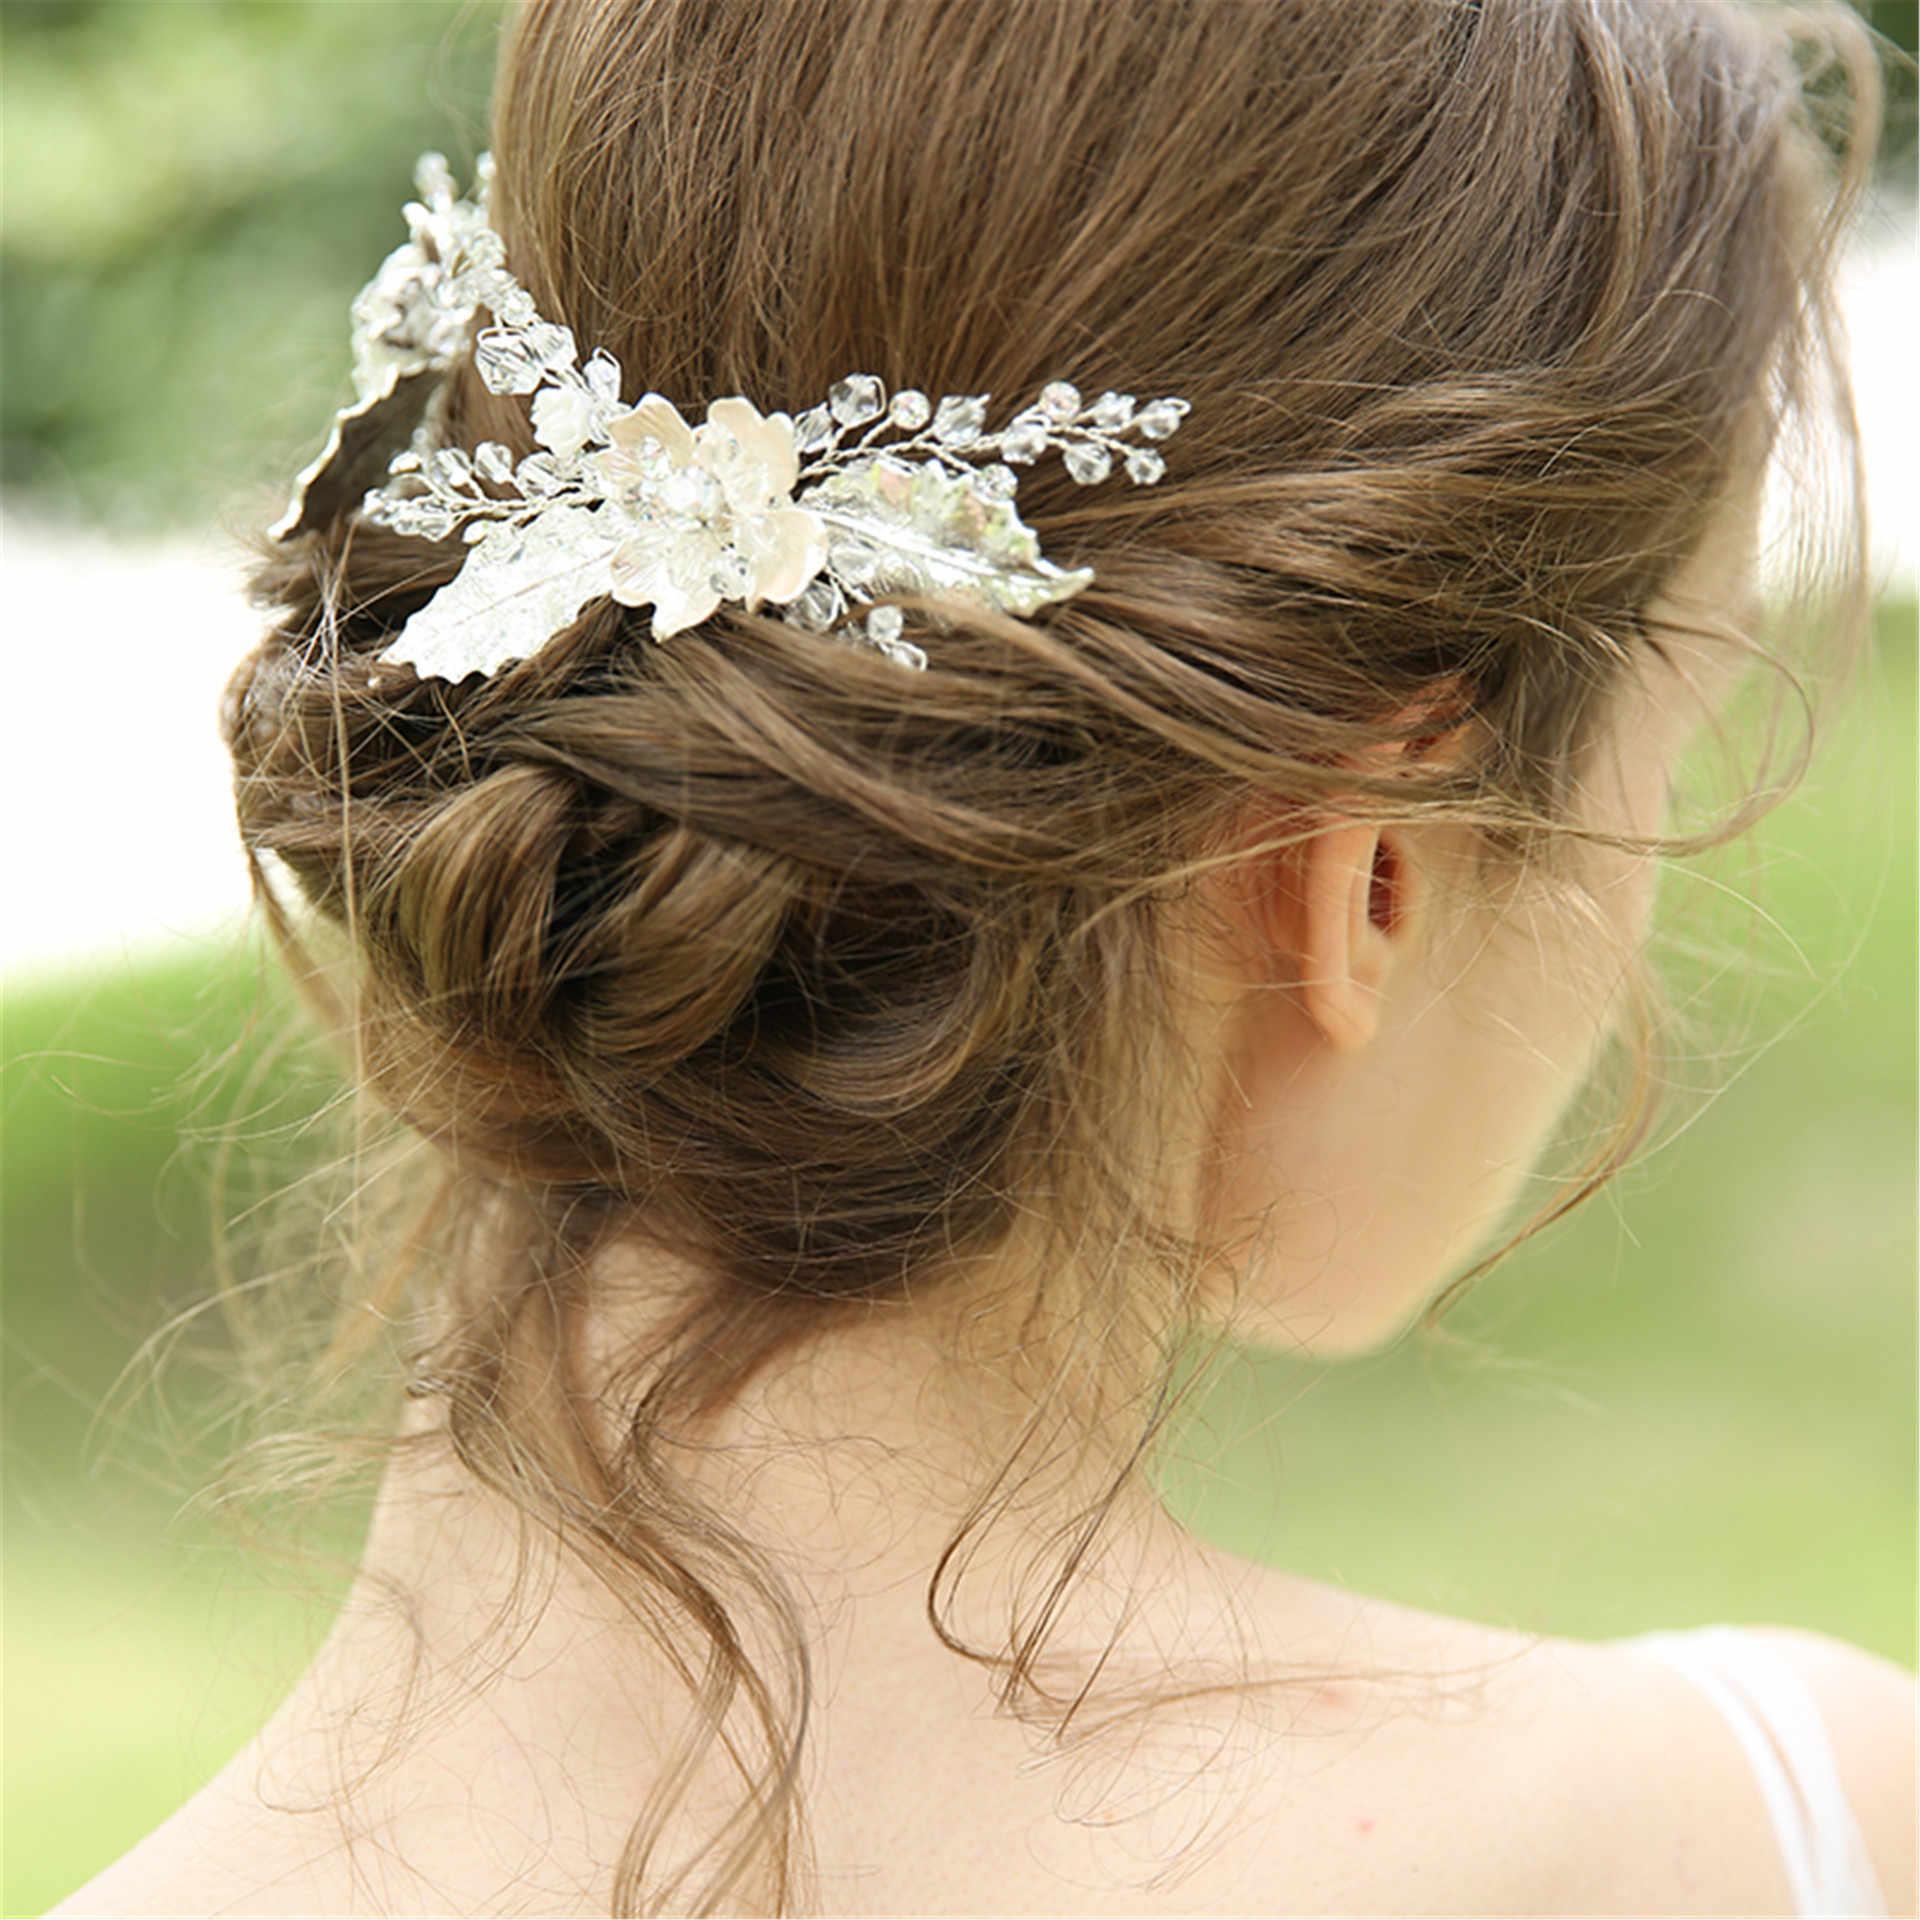 คริสตัลเจ้าสาวผม Tiara หวี Silver Leaf Crown อินเดีย Headpiece อุปกรณ์เสริมผม Frontlet Handmade Headband